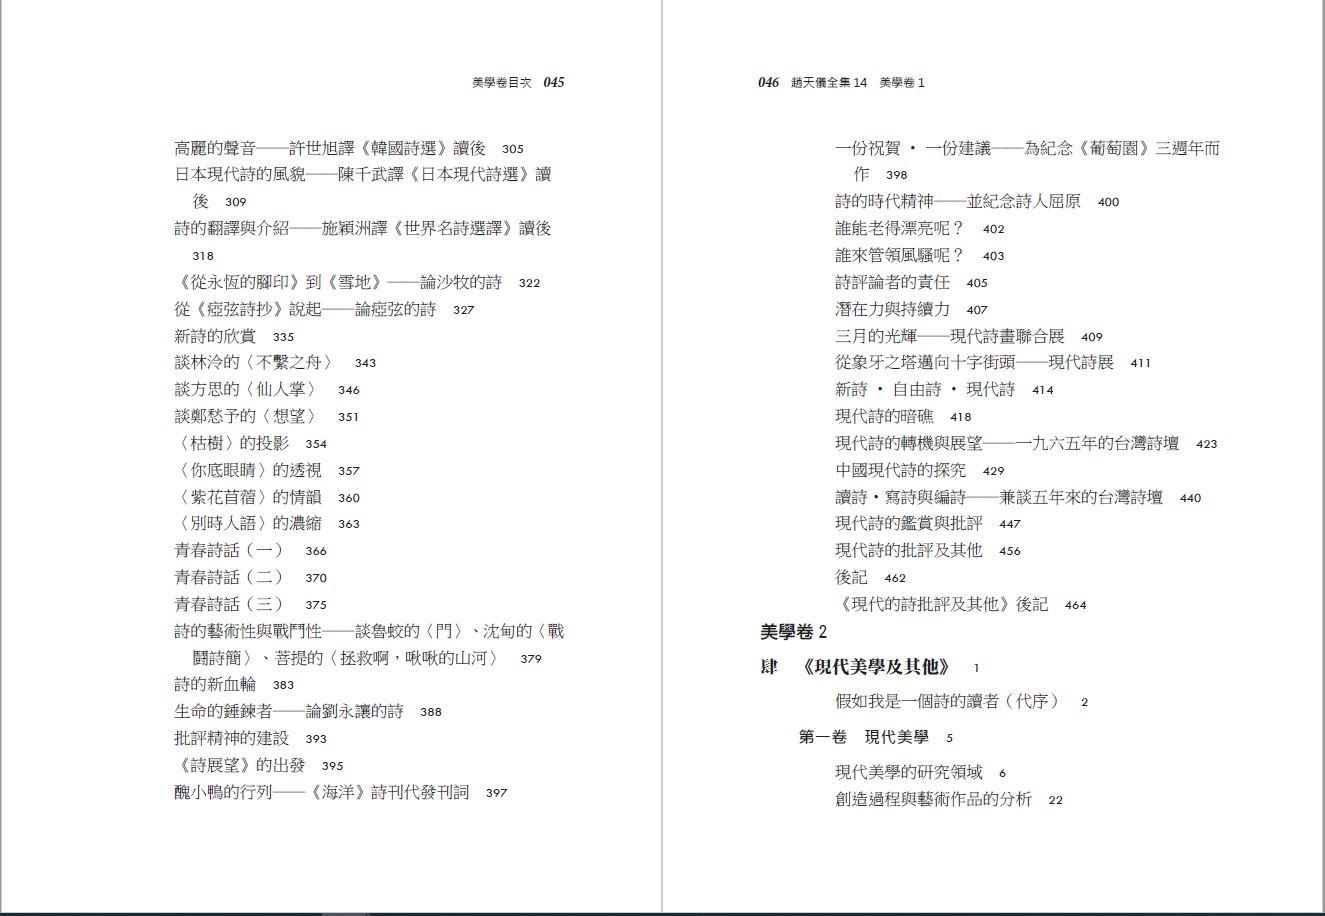 趙天儀全集-美學卷-目錄3.JPG